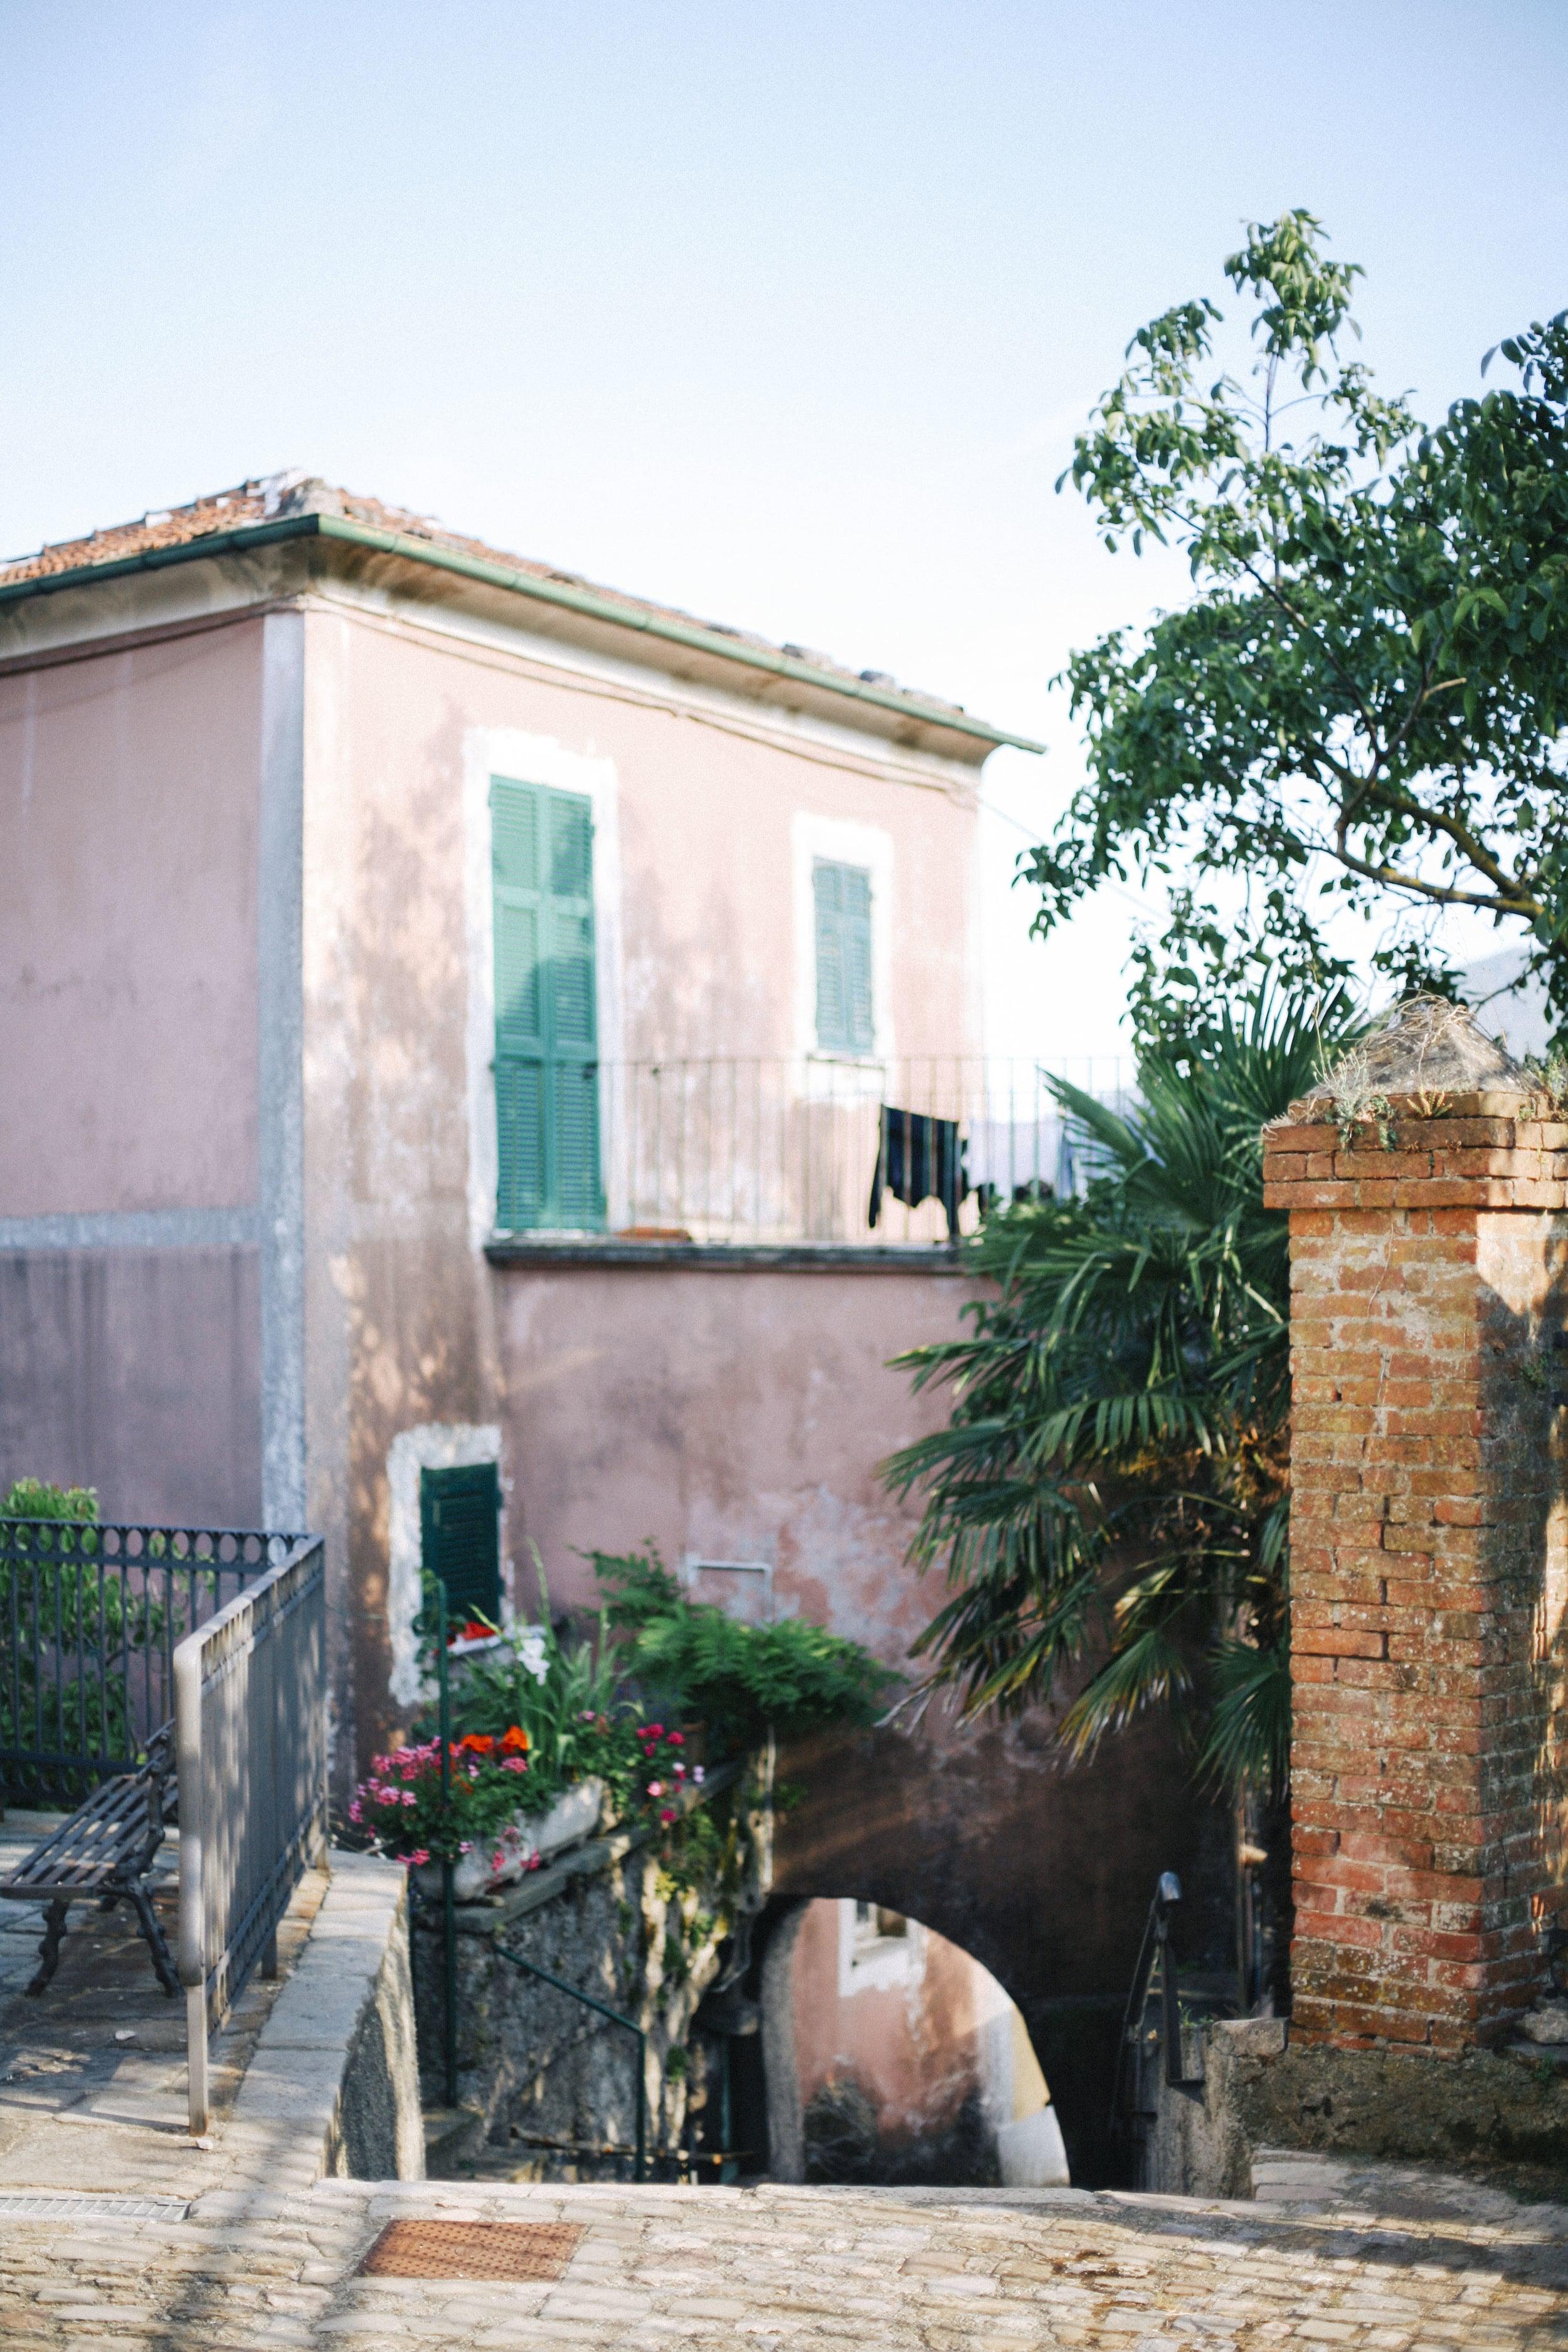 Italy by Ariana Clare_16 (1).JPG